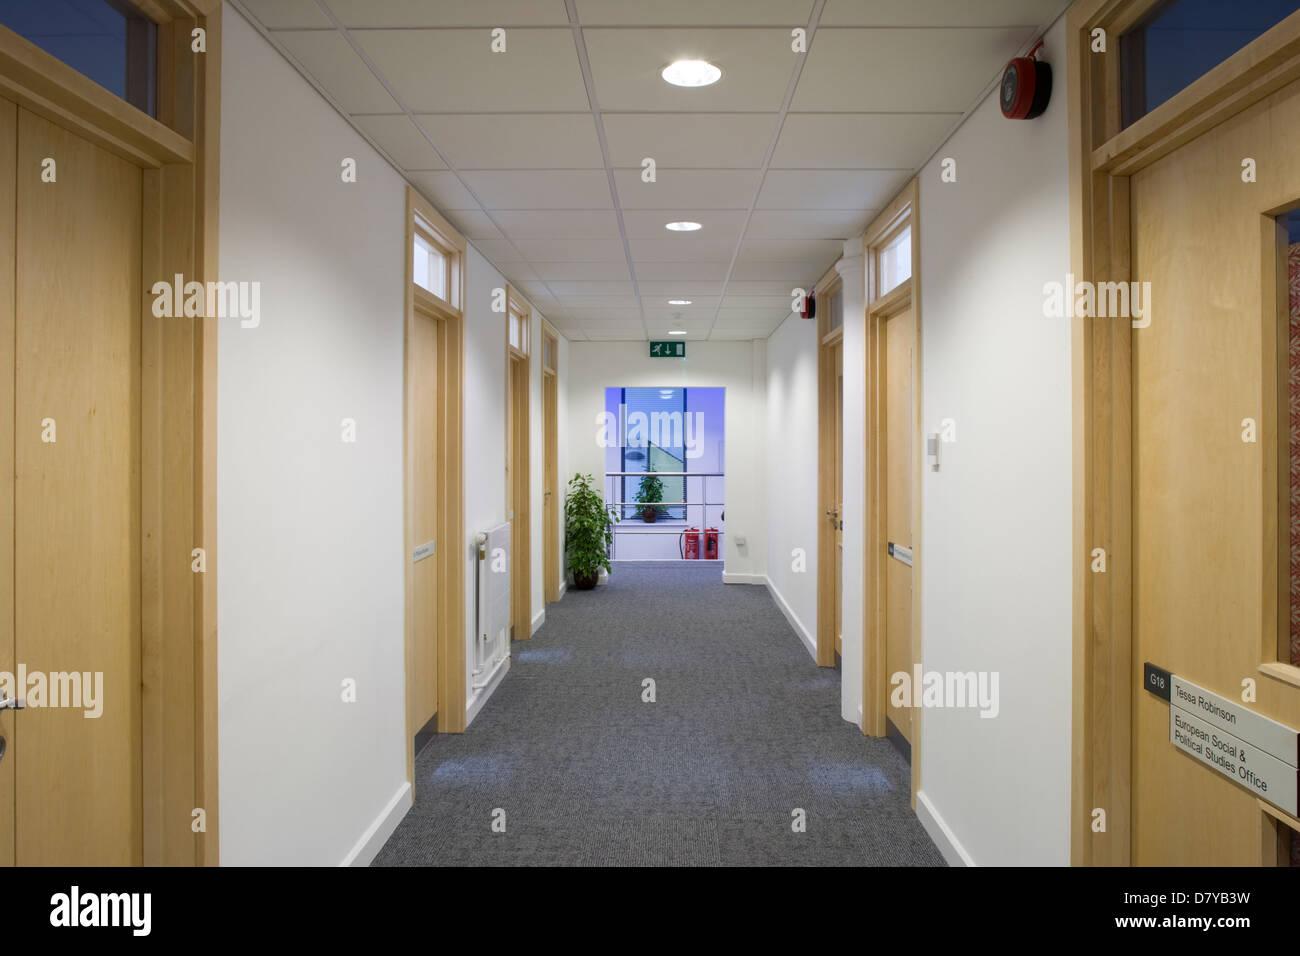 Architecture College Contemporary Corridor Design